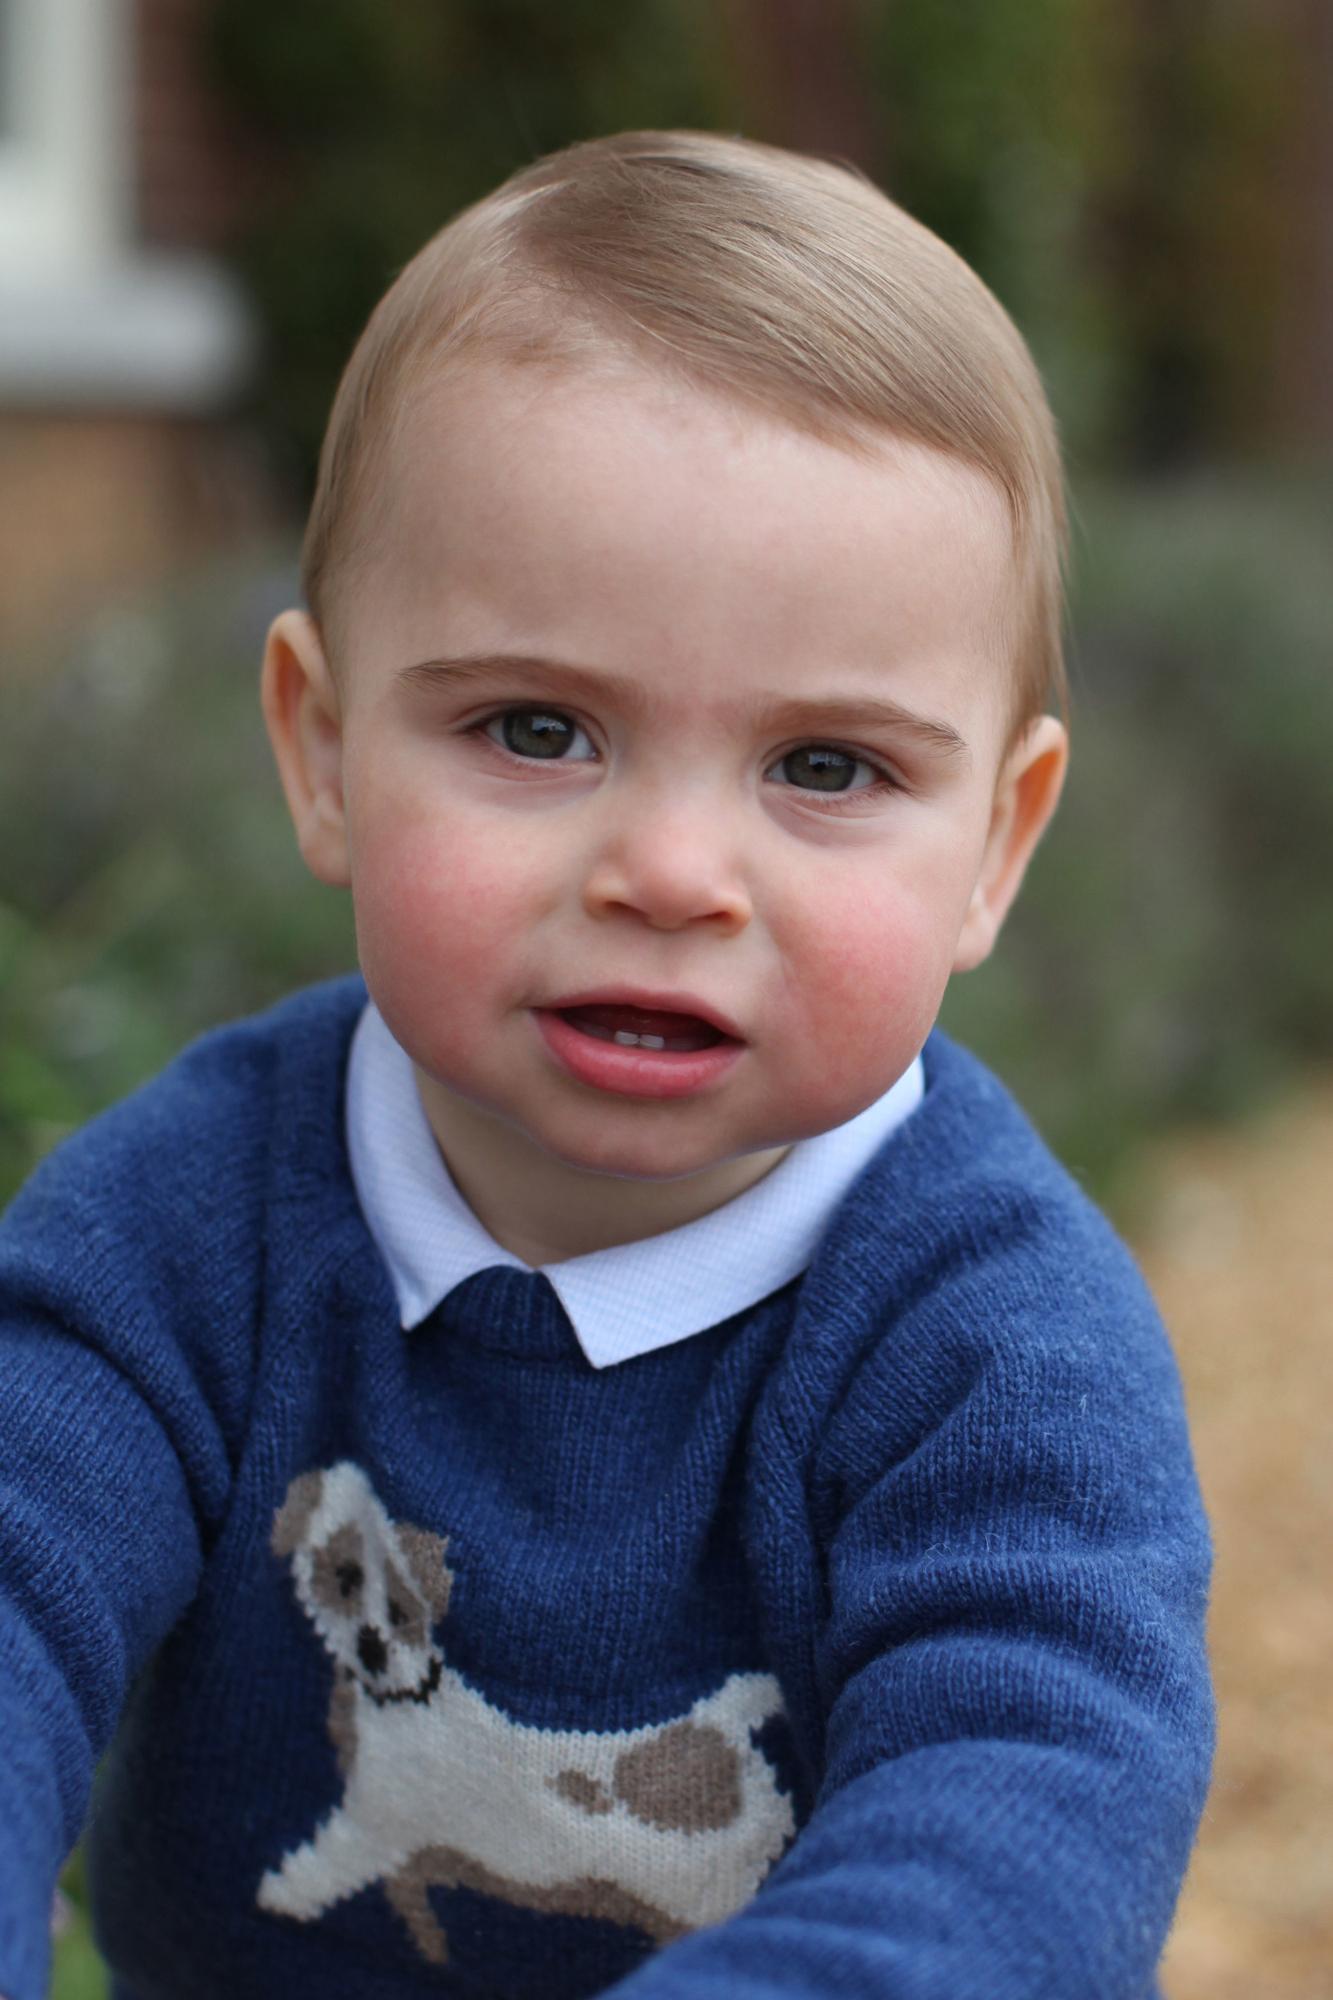 Prince Louis